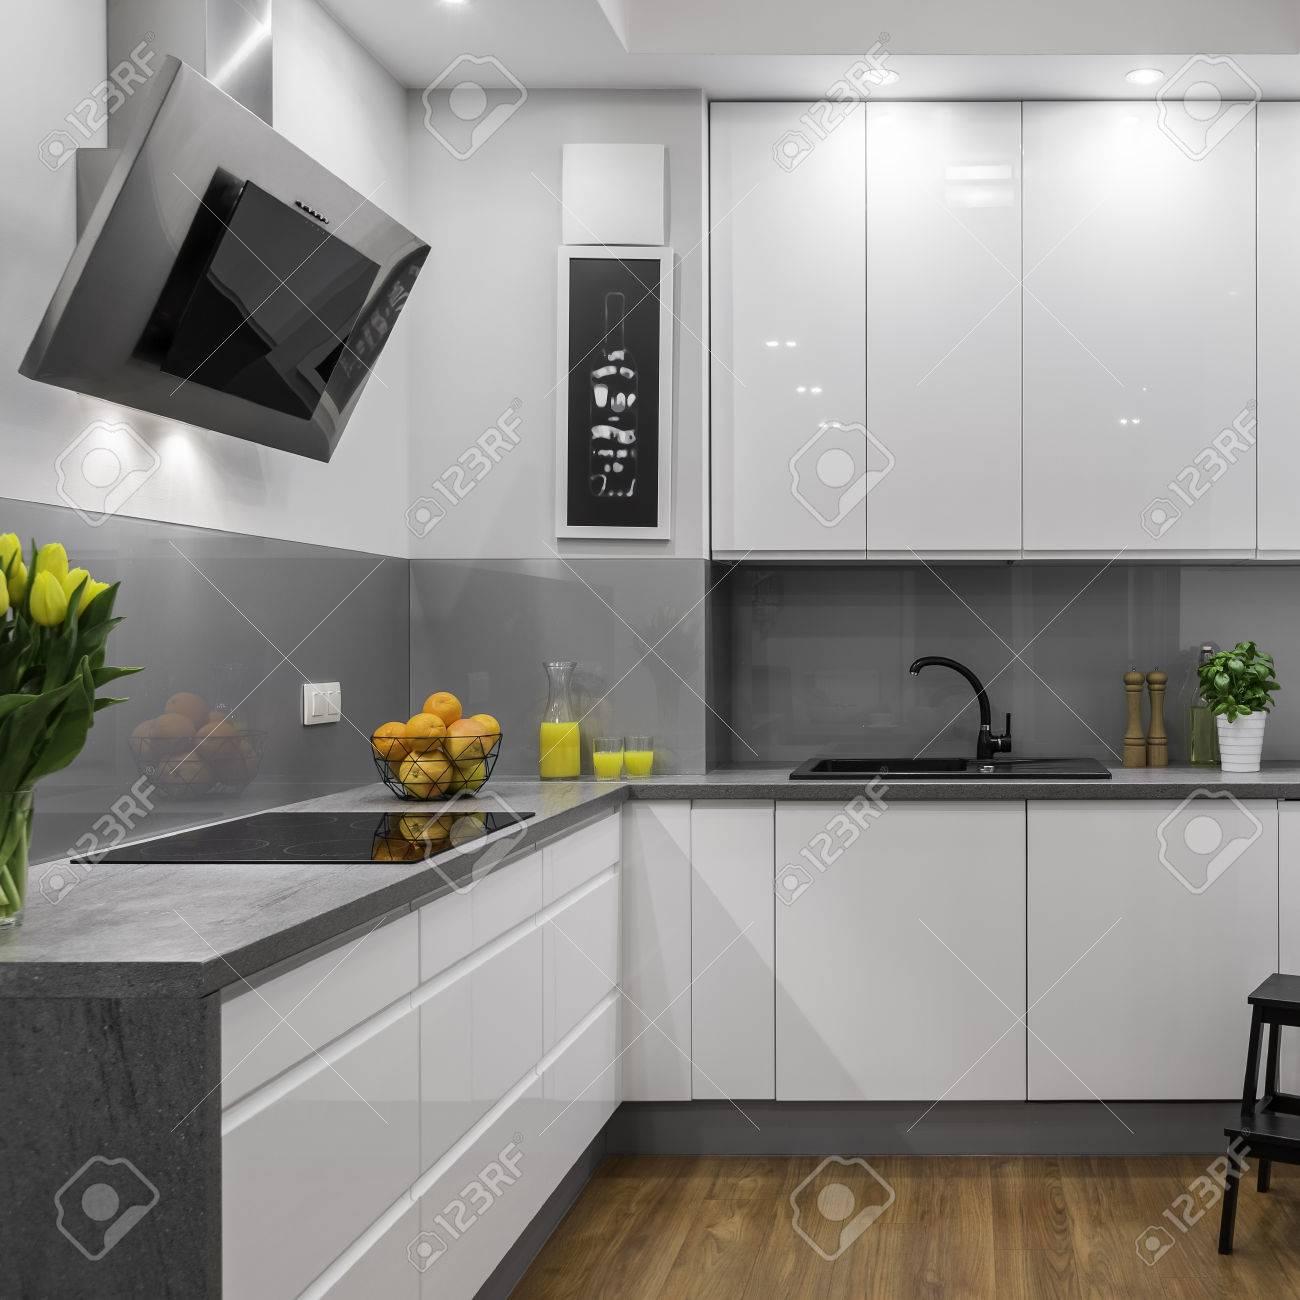 Moderne Kuche In Weissen Und Grauen Farben Lizenzfreie Fotos Bilder